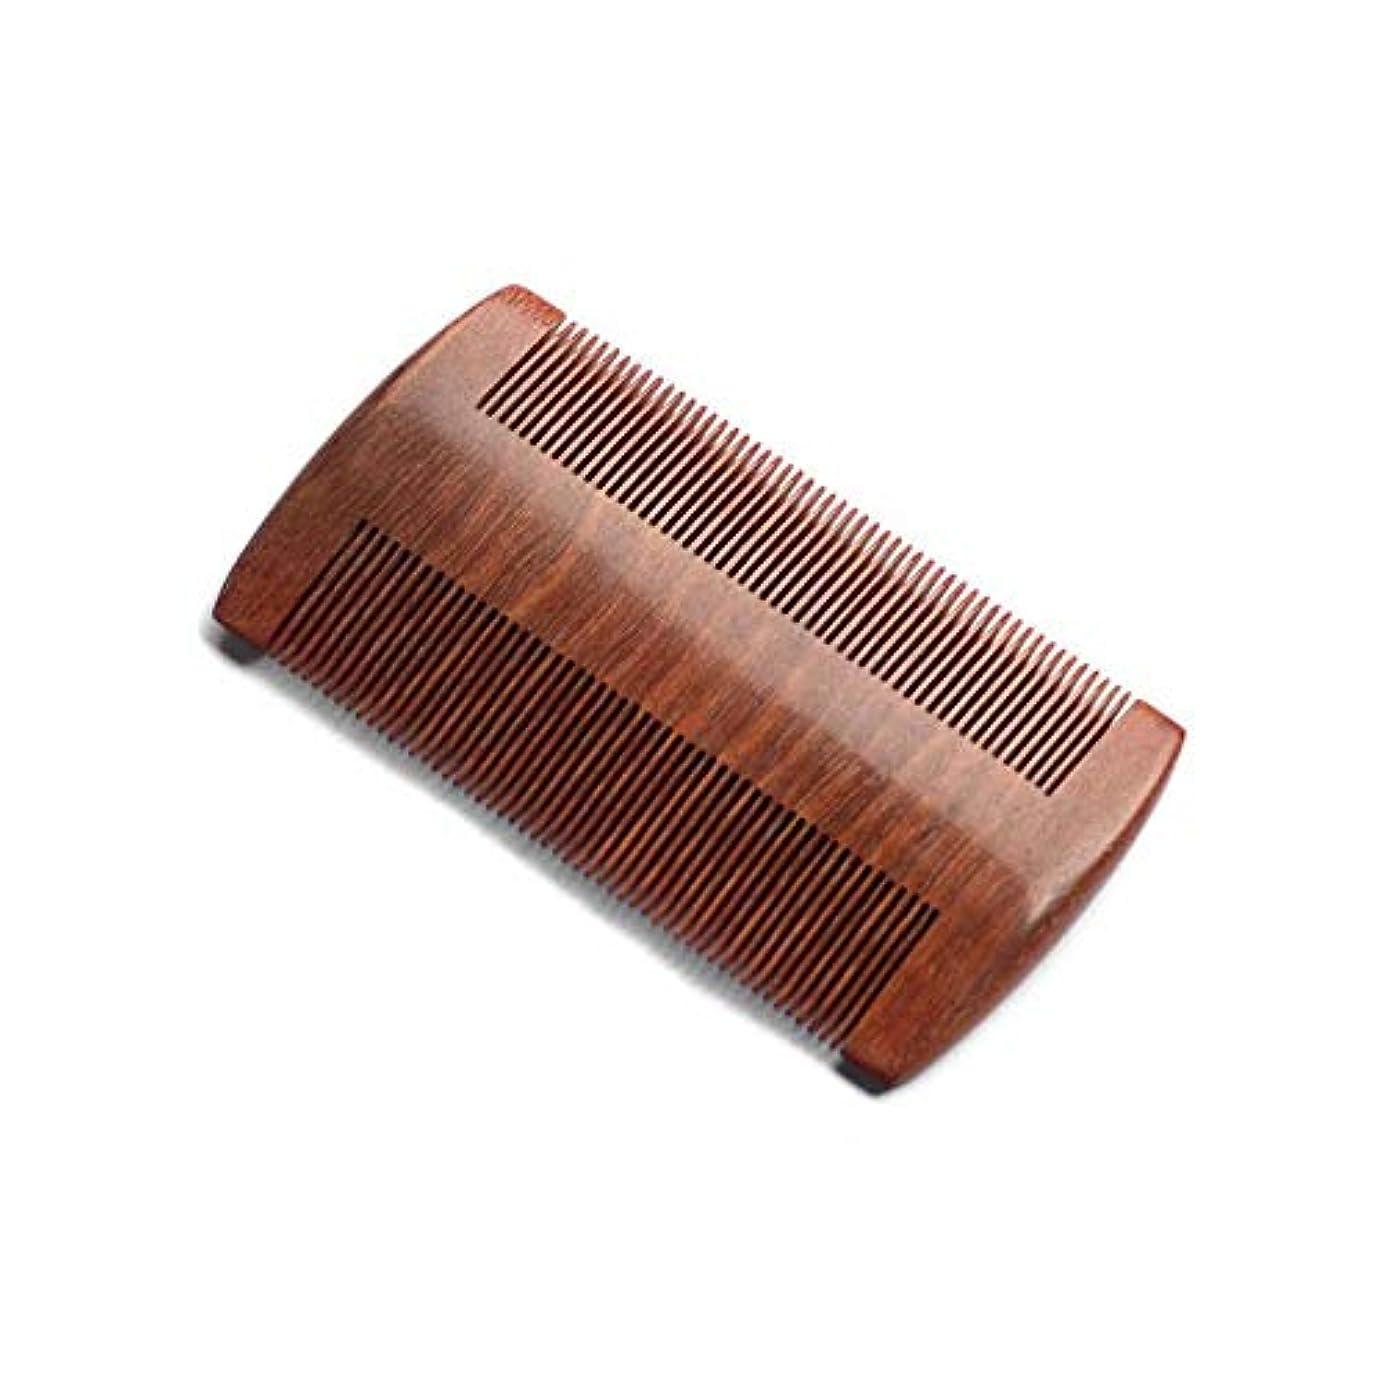 登録私たち自身仕事ZYDP 細かいコンパクトな歯赤白檀の髪の櫛手作りの櫛帯電防止髪の櫛